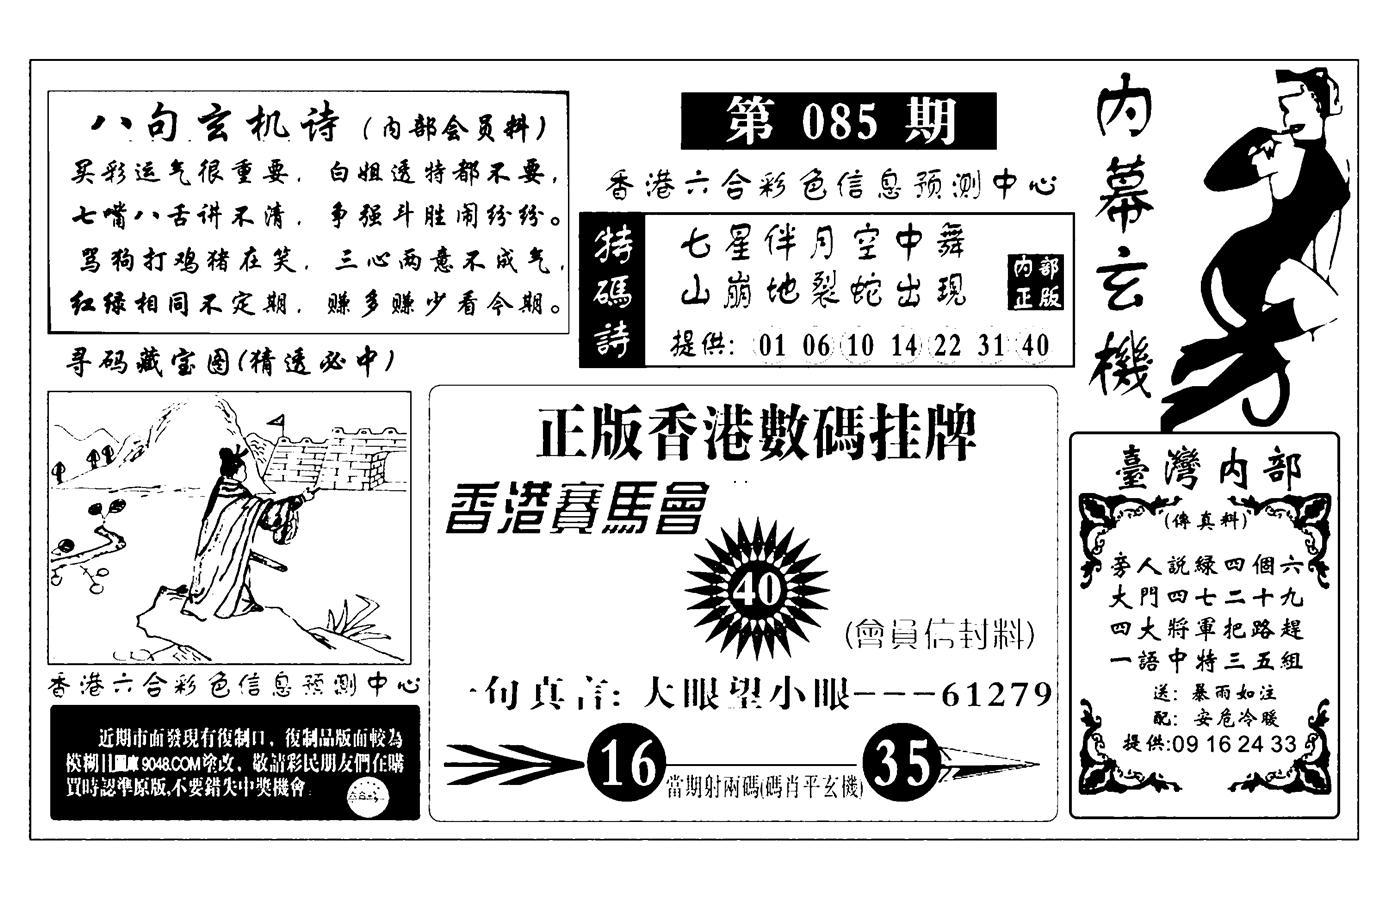 085期内幕玄机报(黑白)